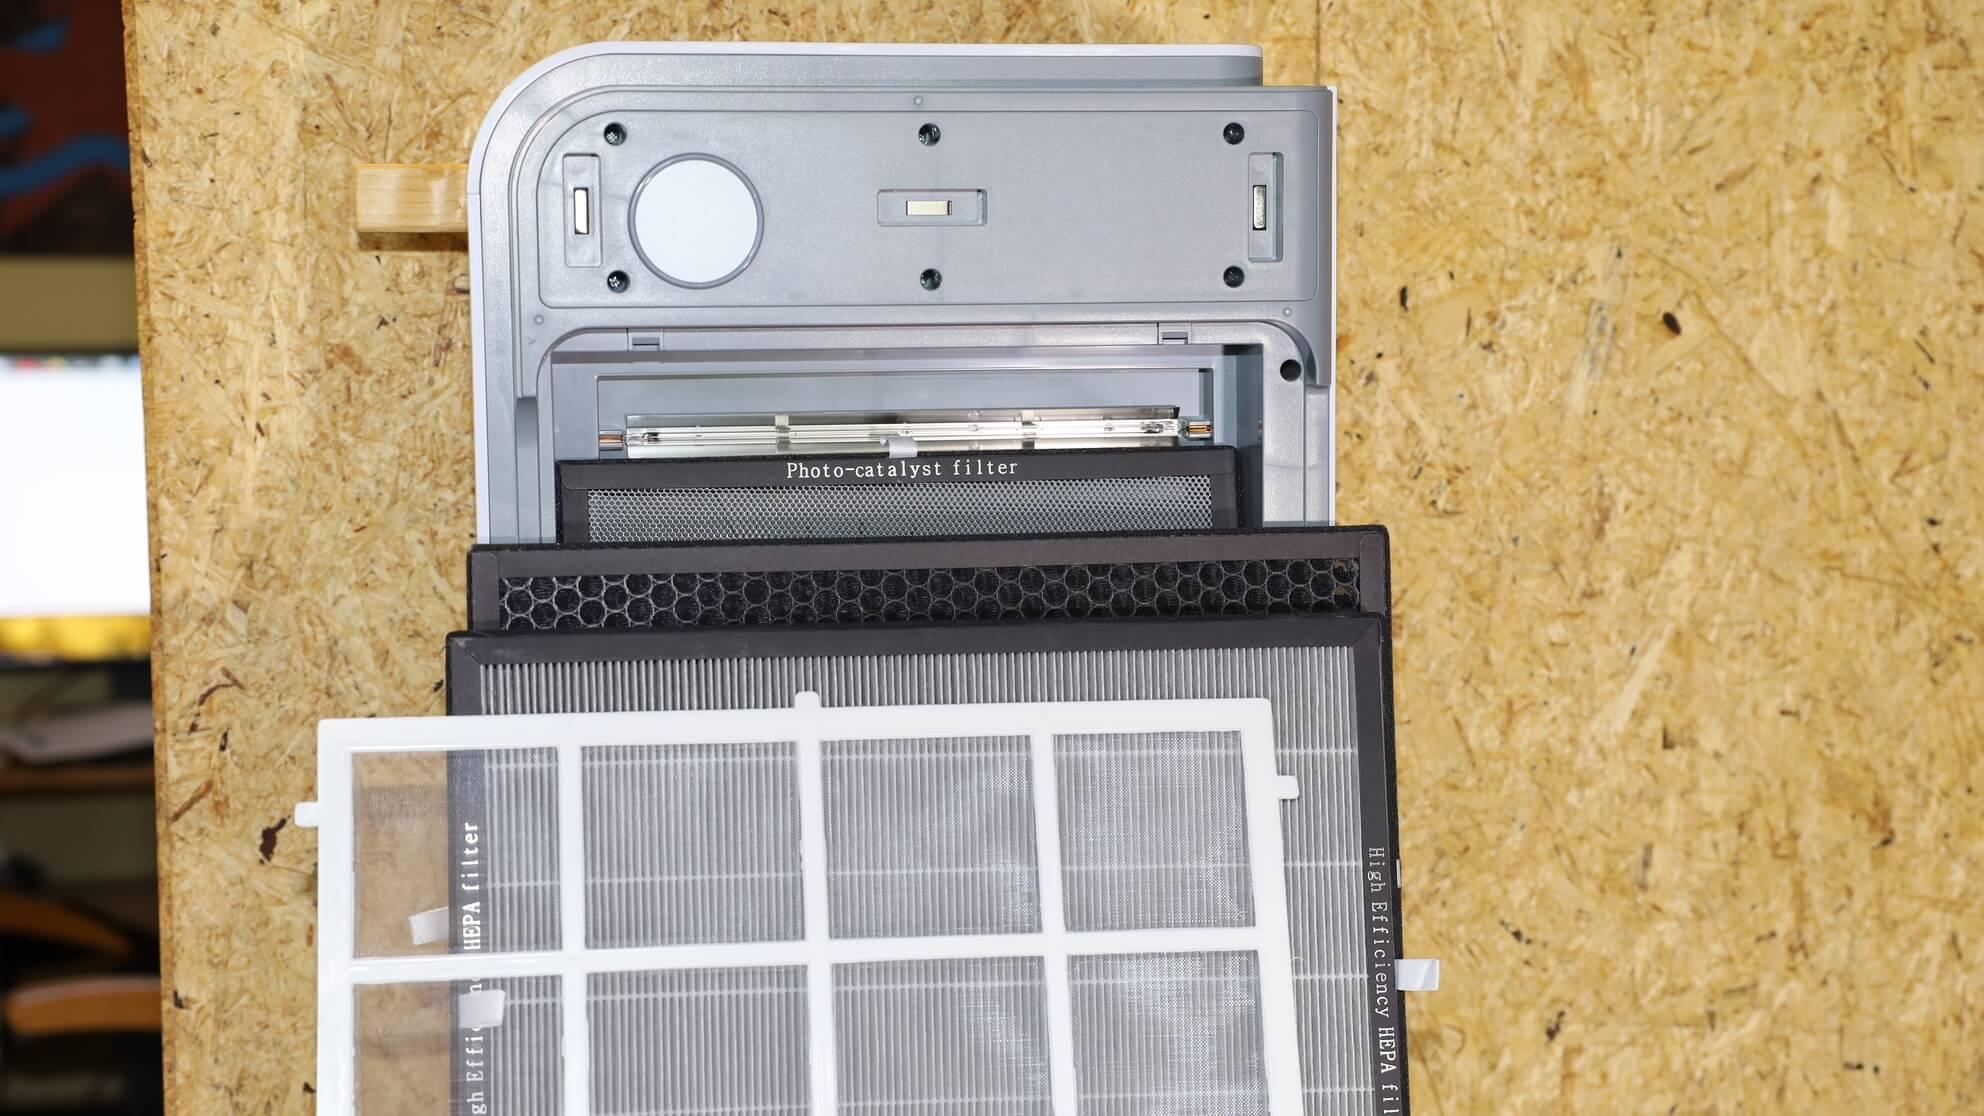 Geöffneter HEPA Luftreiniger für Allergiker – es sind mehrere Filtermatten zu sehen